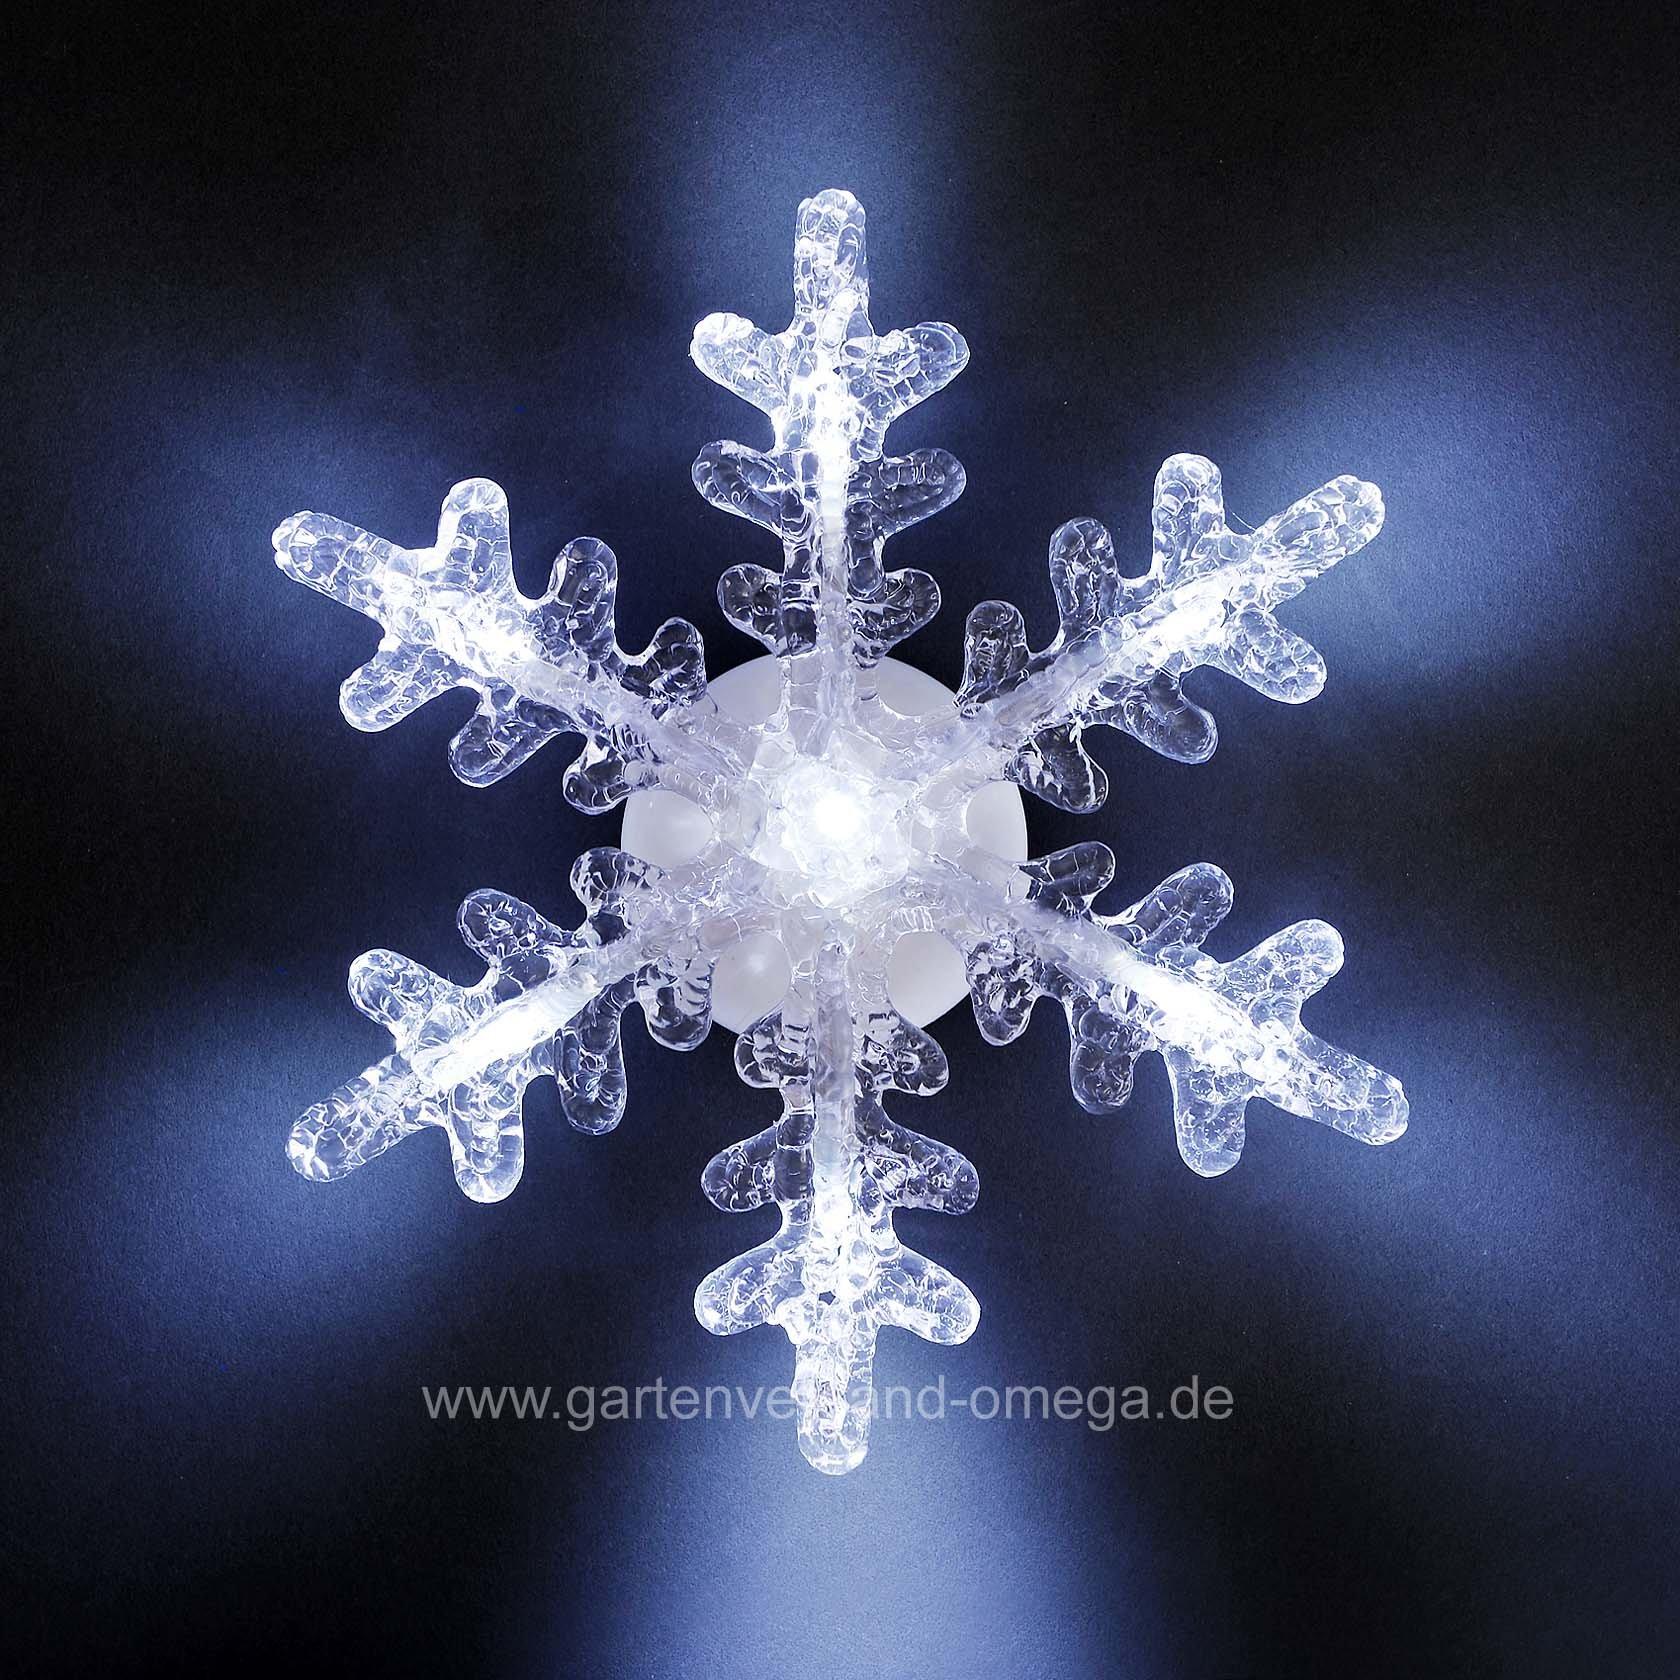 Weihnachtsdeko Led Fenster.Ideen Für Die Weihnachtsbeleuchtung 2016 Gartenblog Merz Im Web De